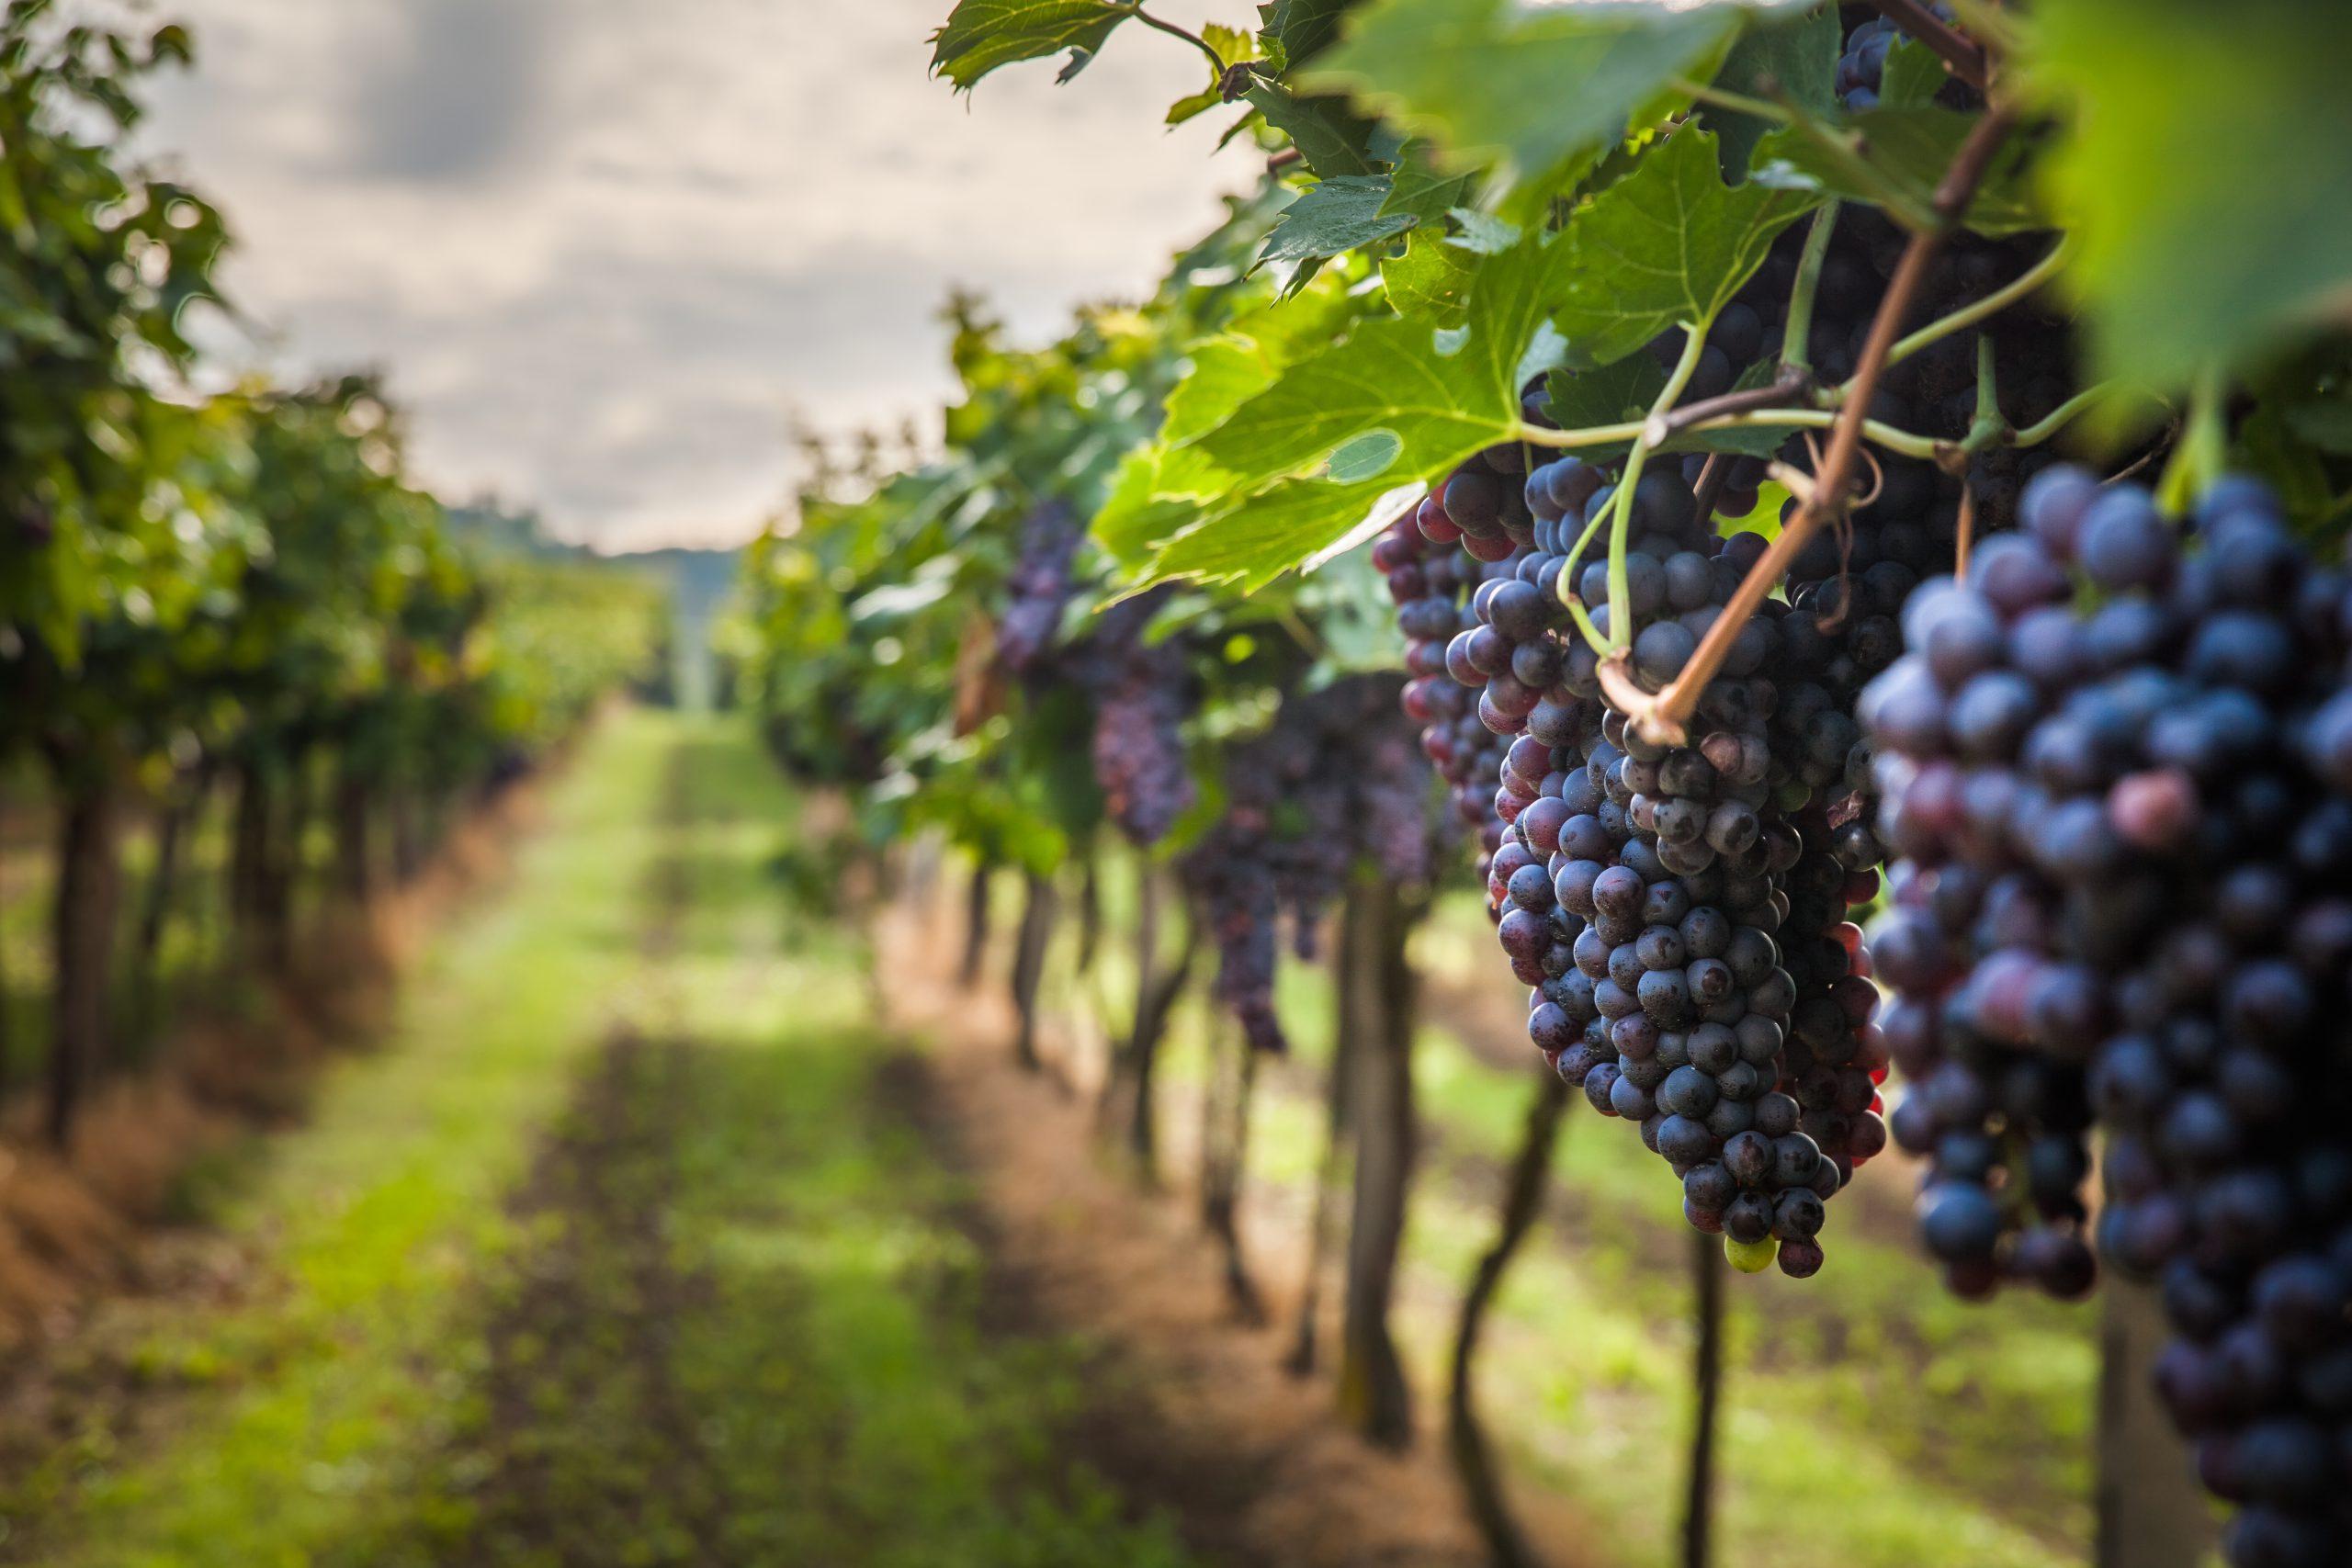 ①主要なブドウ品種を知る